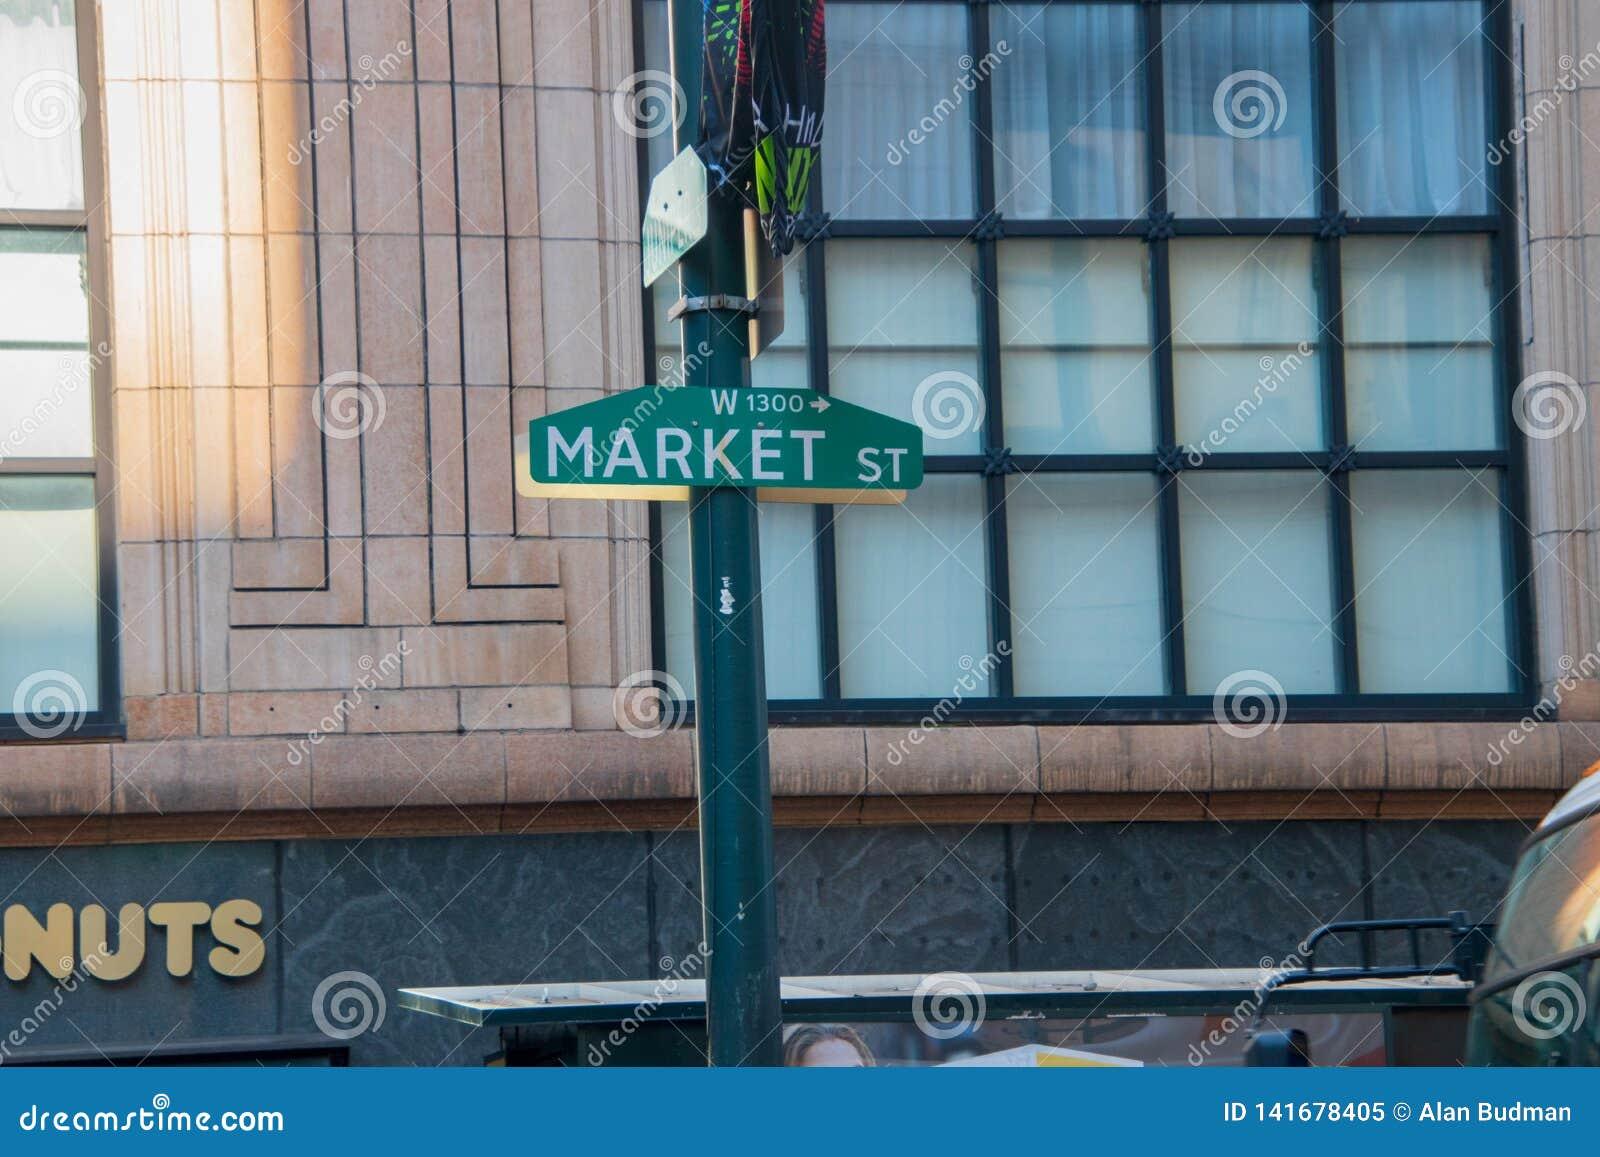 Зеленый знак улицы рынка на зеленом поляке с большим окном мульти-форточки на старом офисном здании на заднем плане